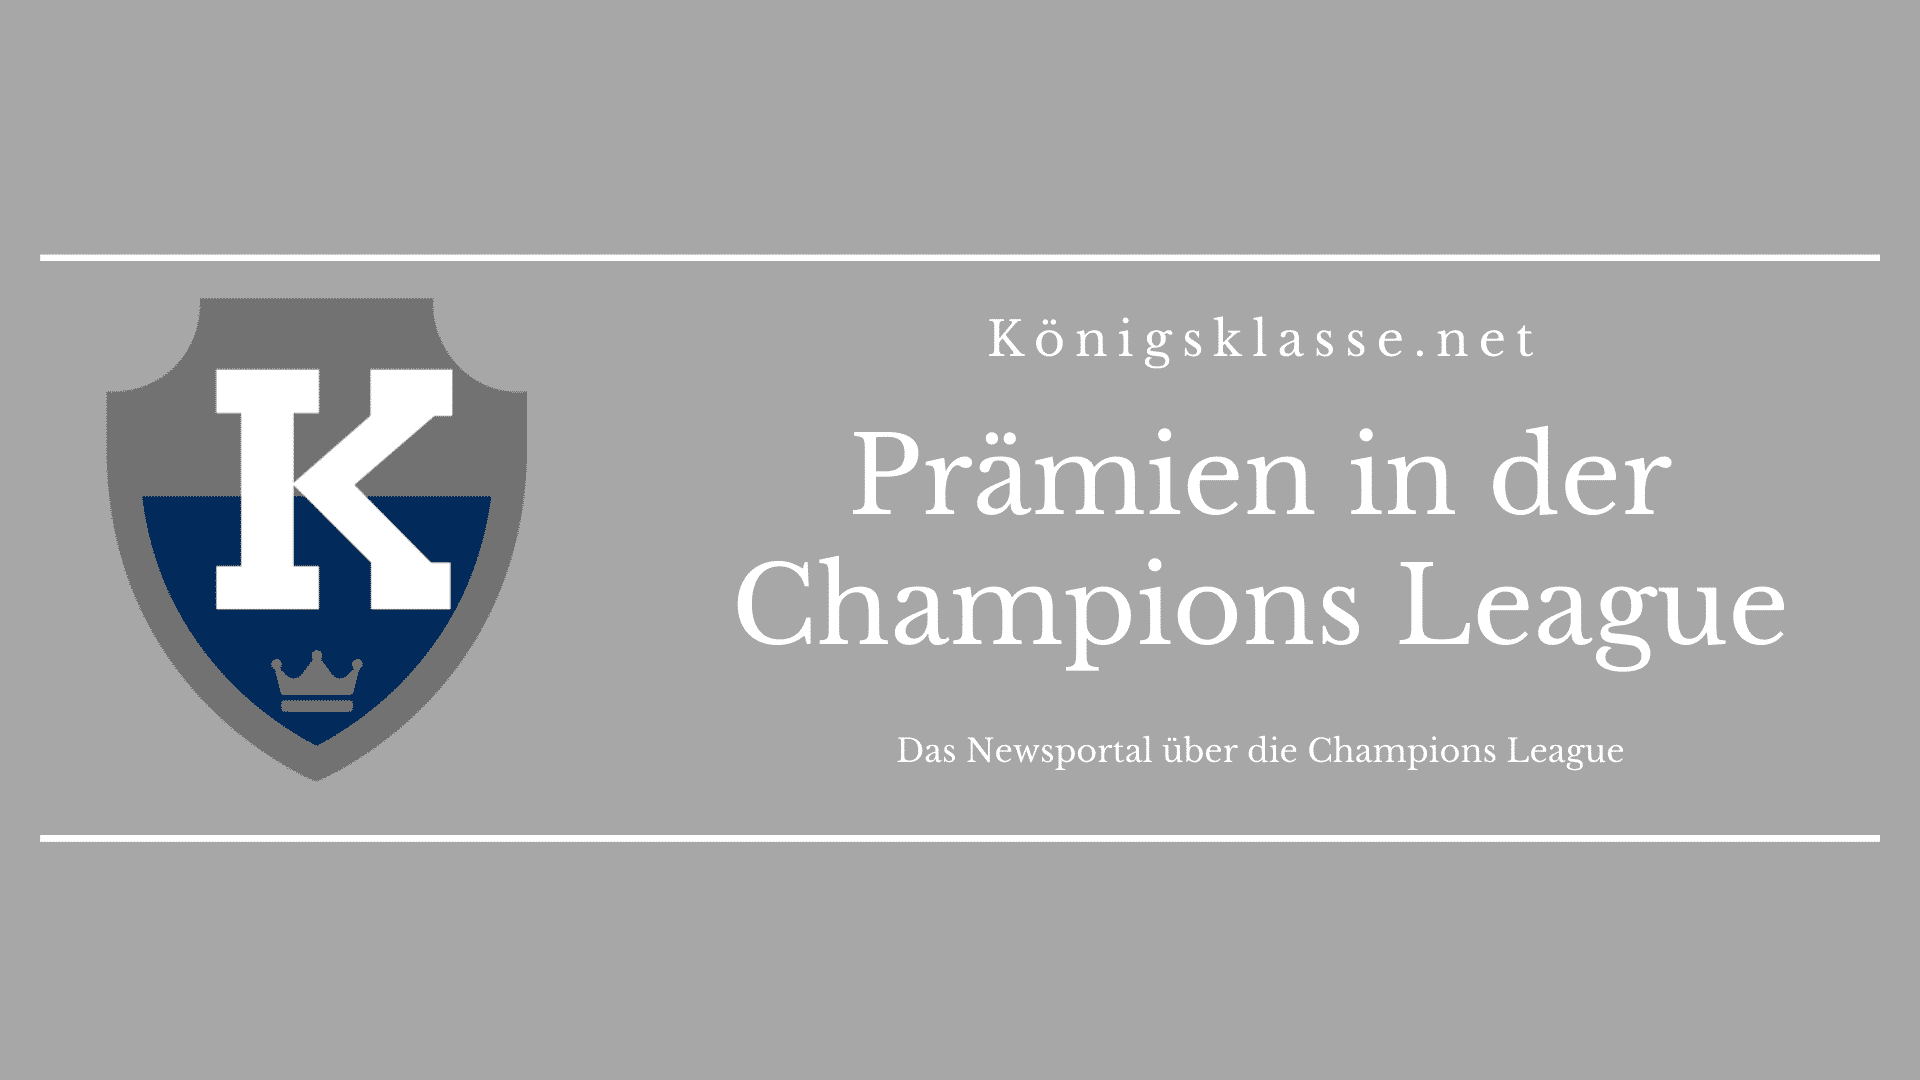 Prämien in der Champions League: Geld, Finanzen, Einnahmen und mehr zur CL.